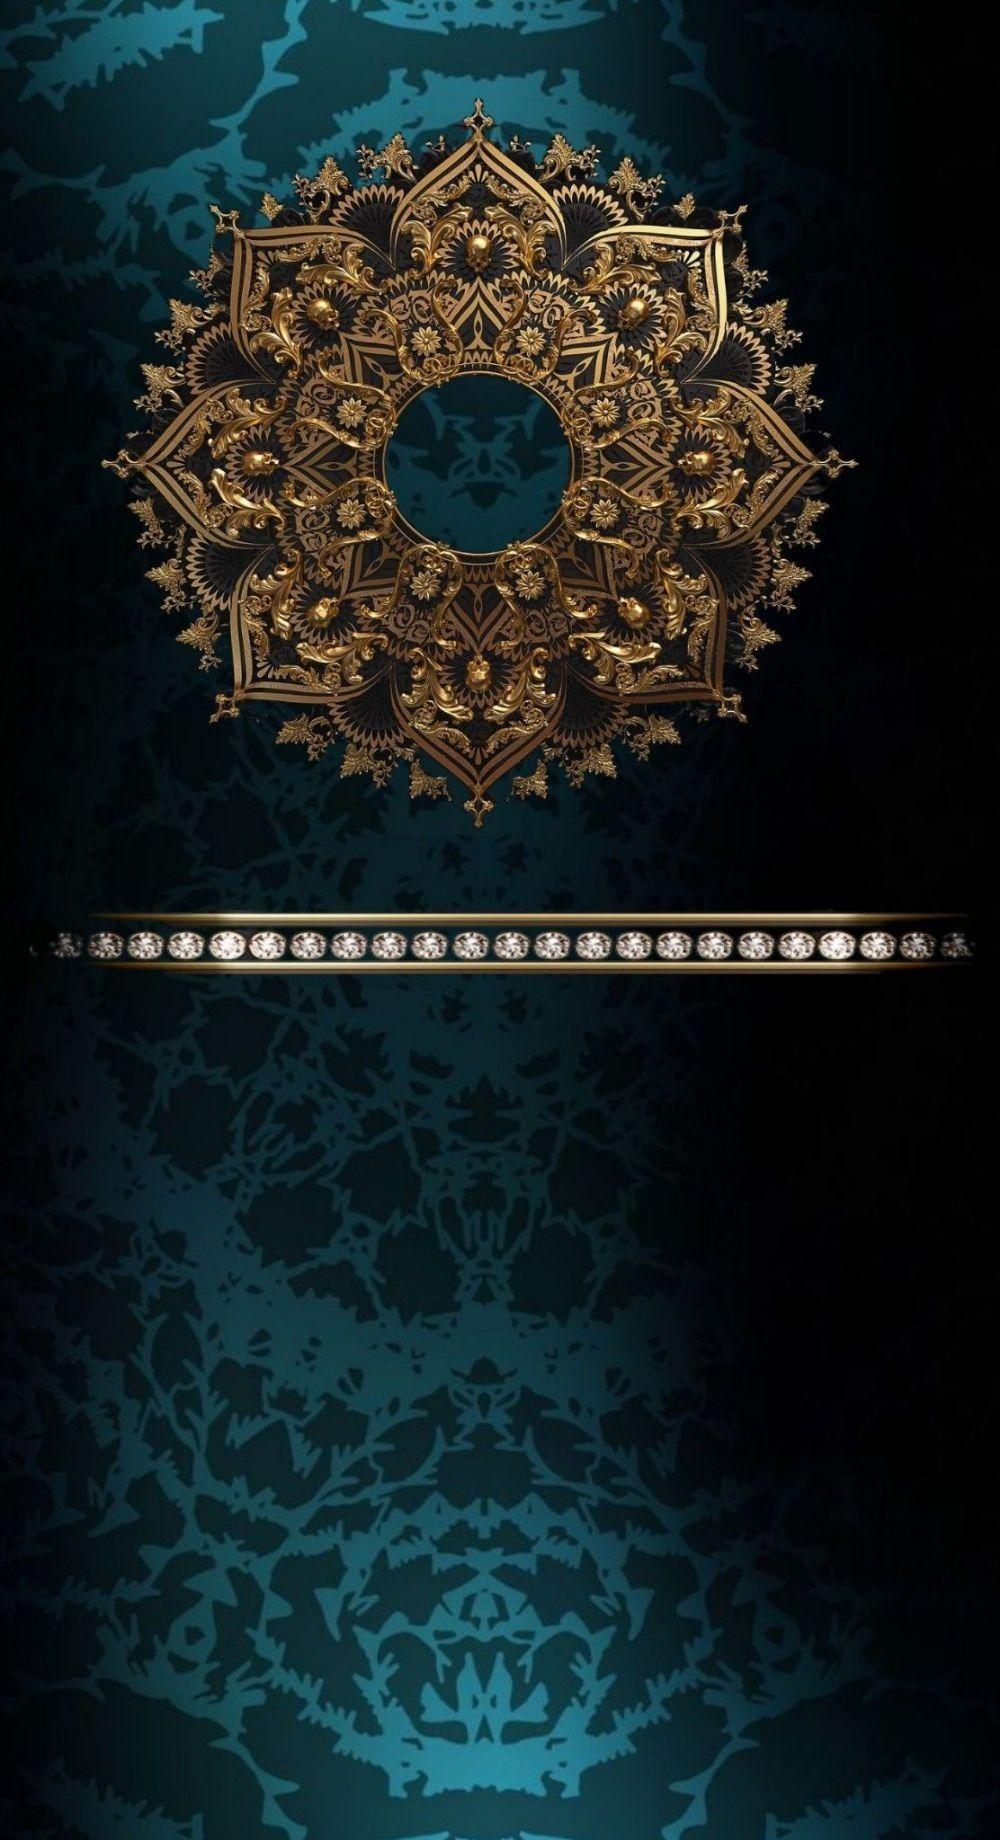 Pin By Islem Louaar On Artiste Art Wallpaper Iphone Mandala Wall Art Islamic Wallpaper